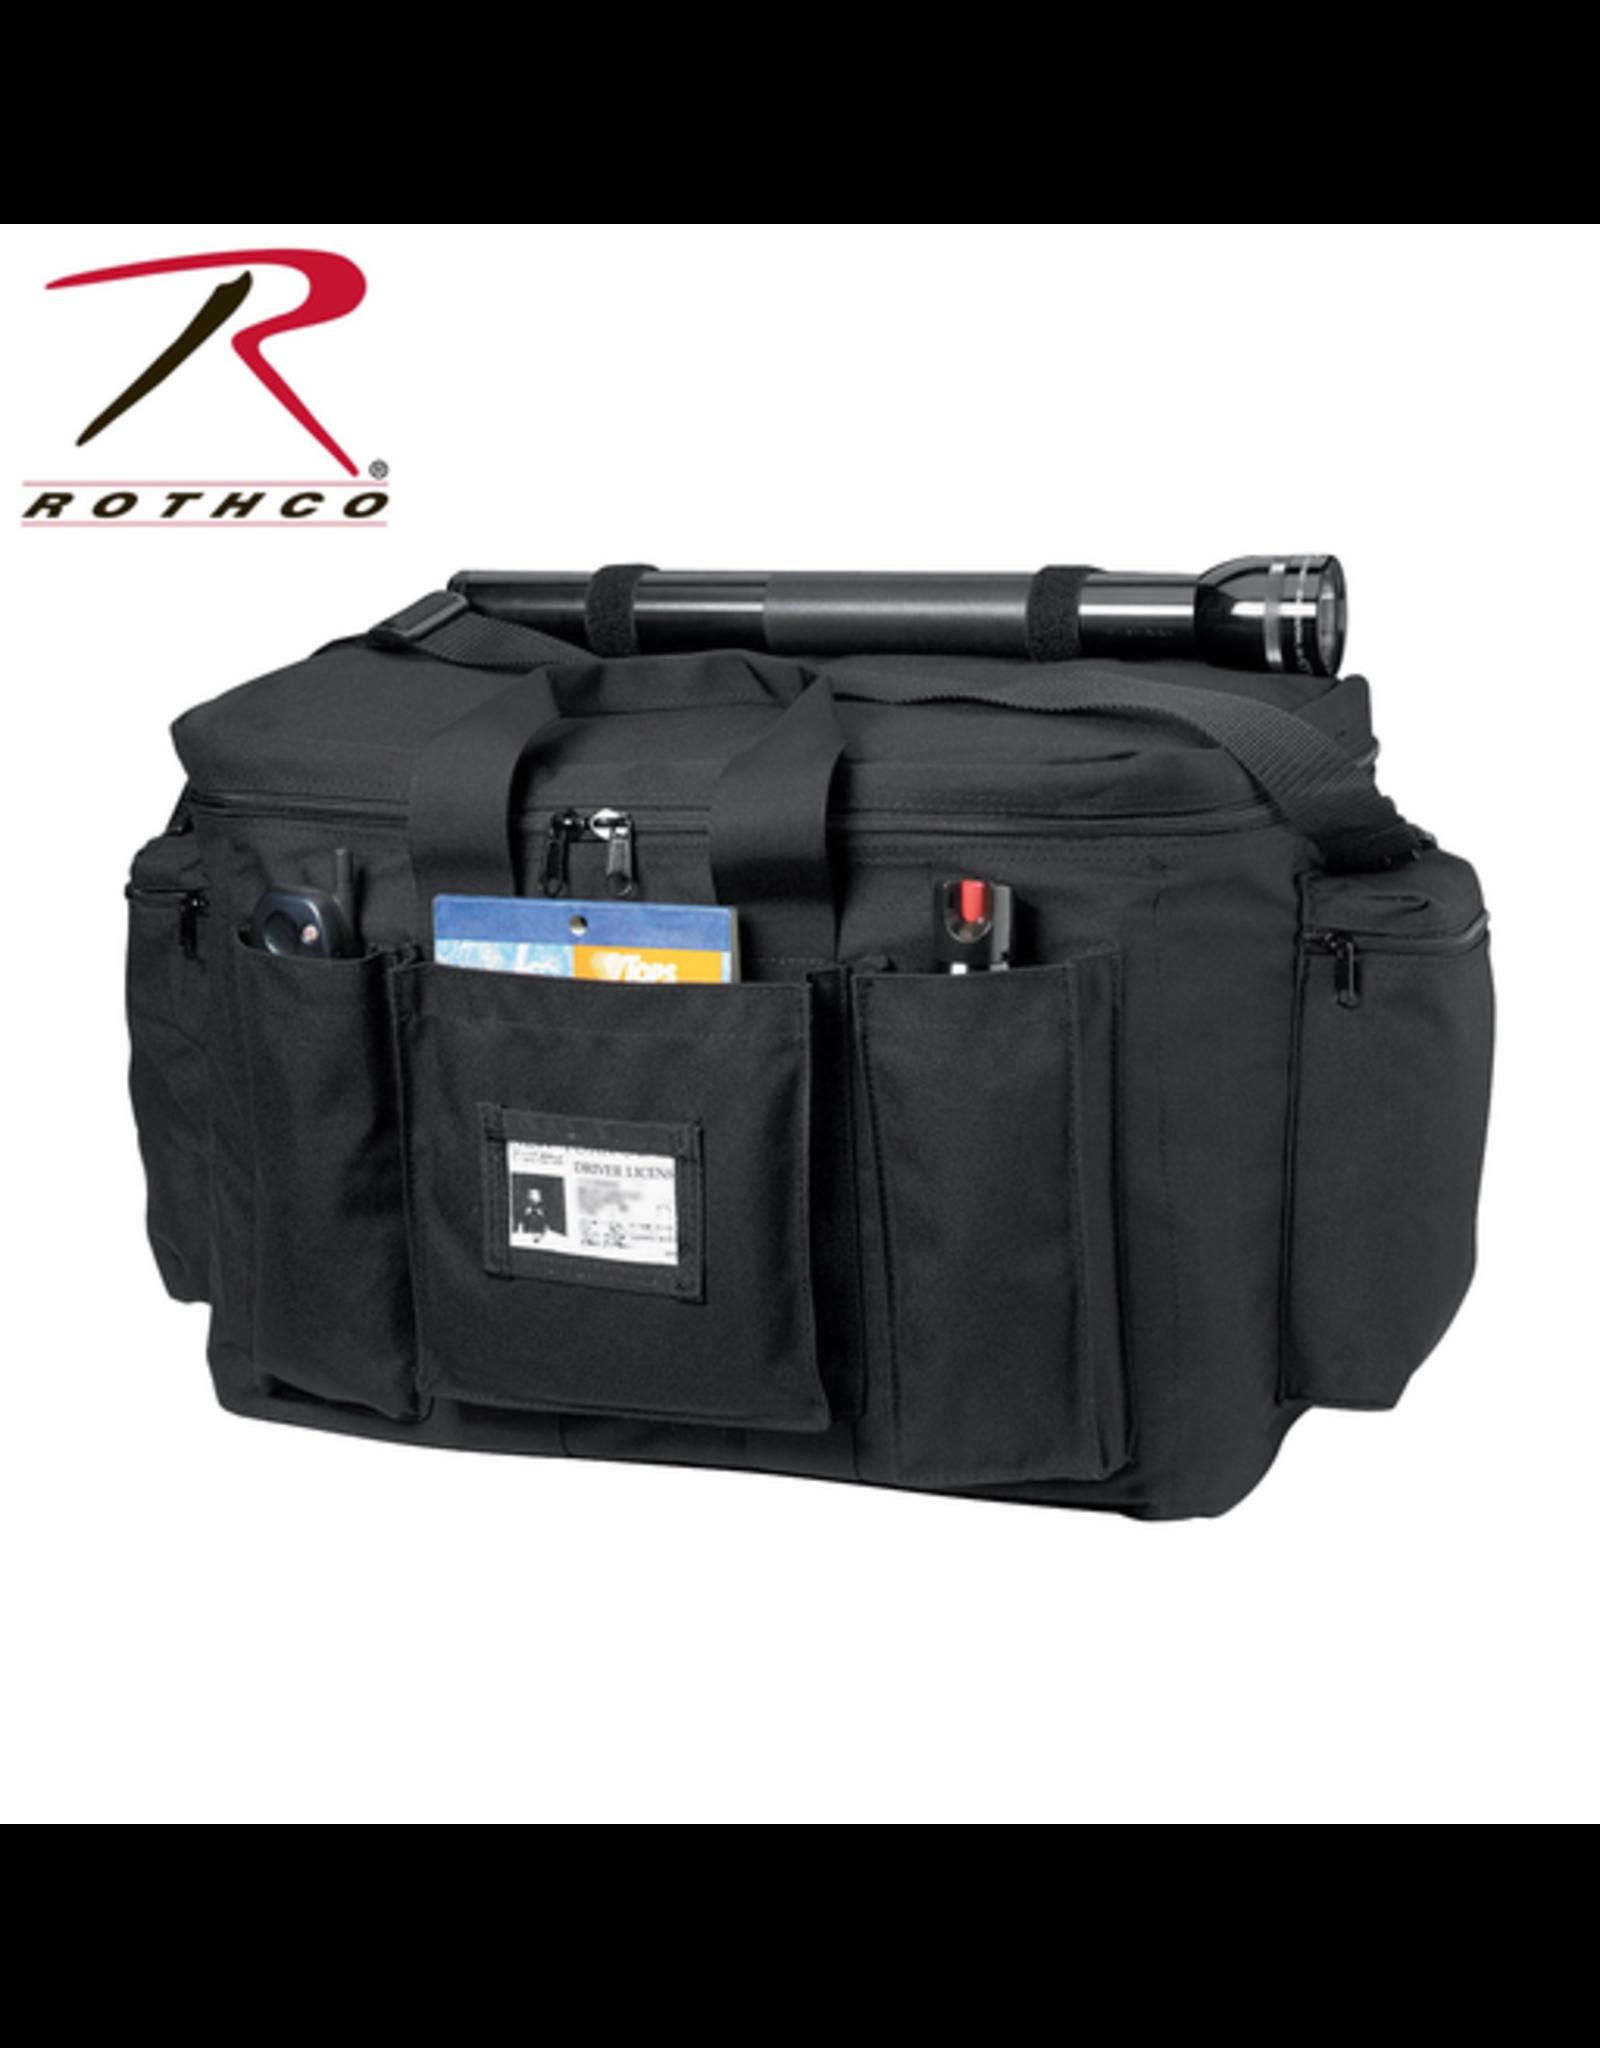 Rothco Rothco Police Equipment Bag